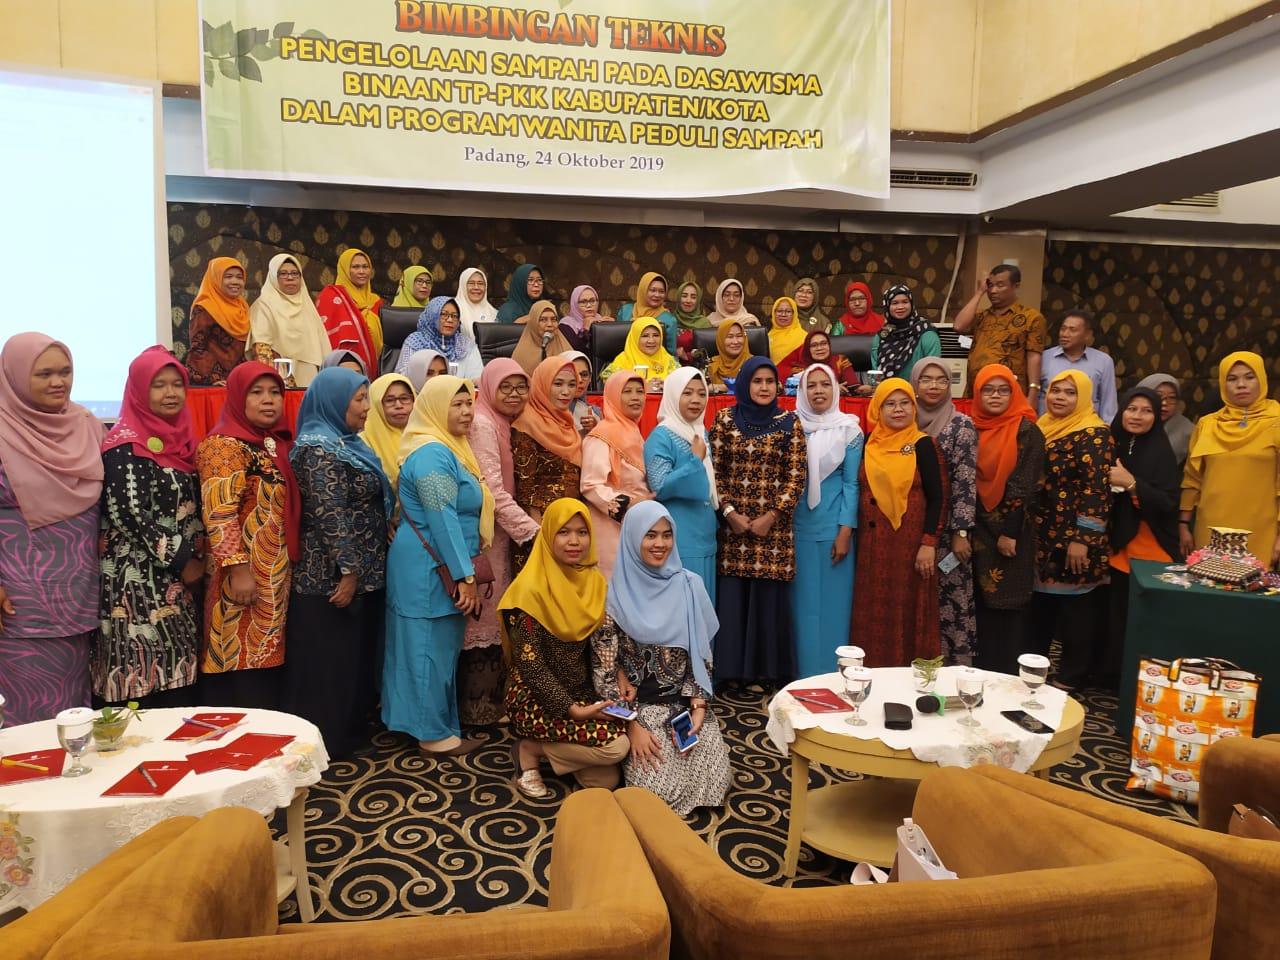 Pelaksanaan Kegiatan Bintek bagi Kelompok PPK dalam Program Wanita Peduli Sampah